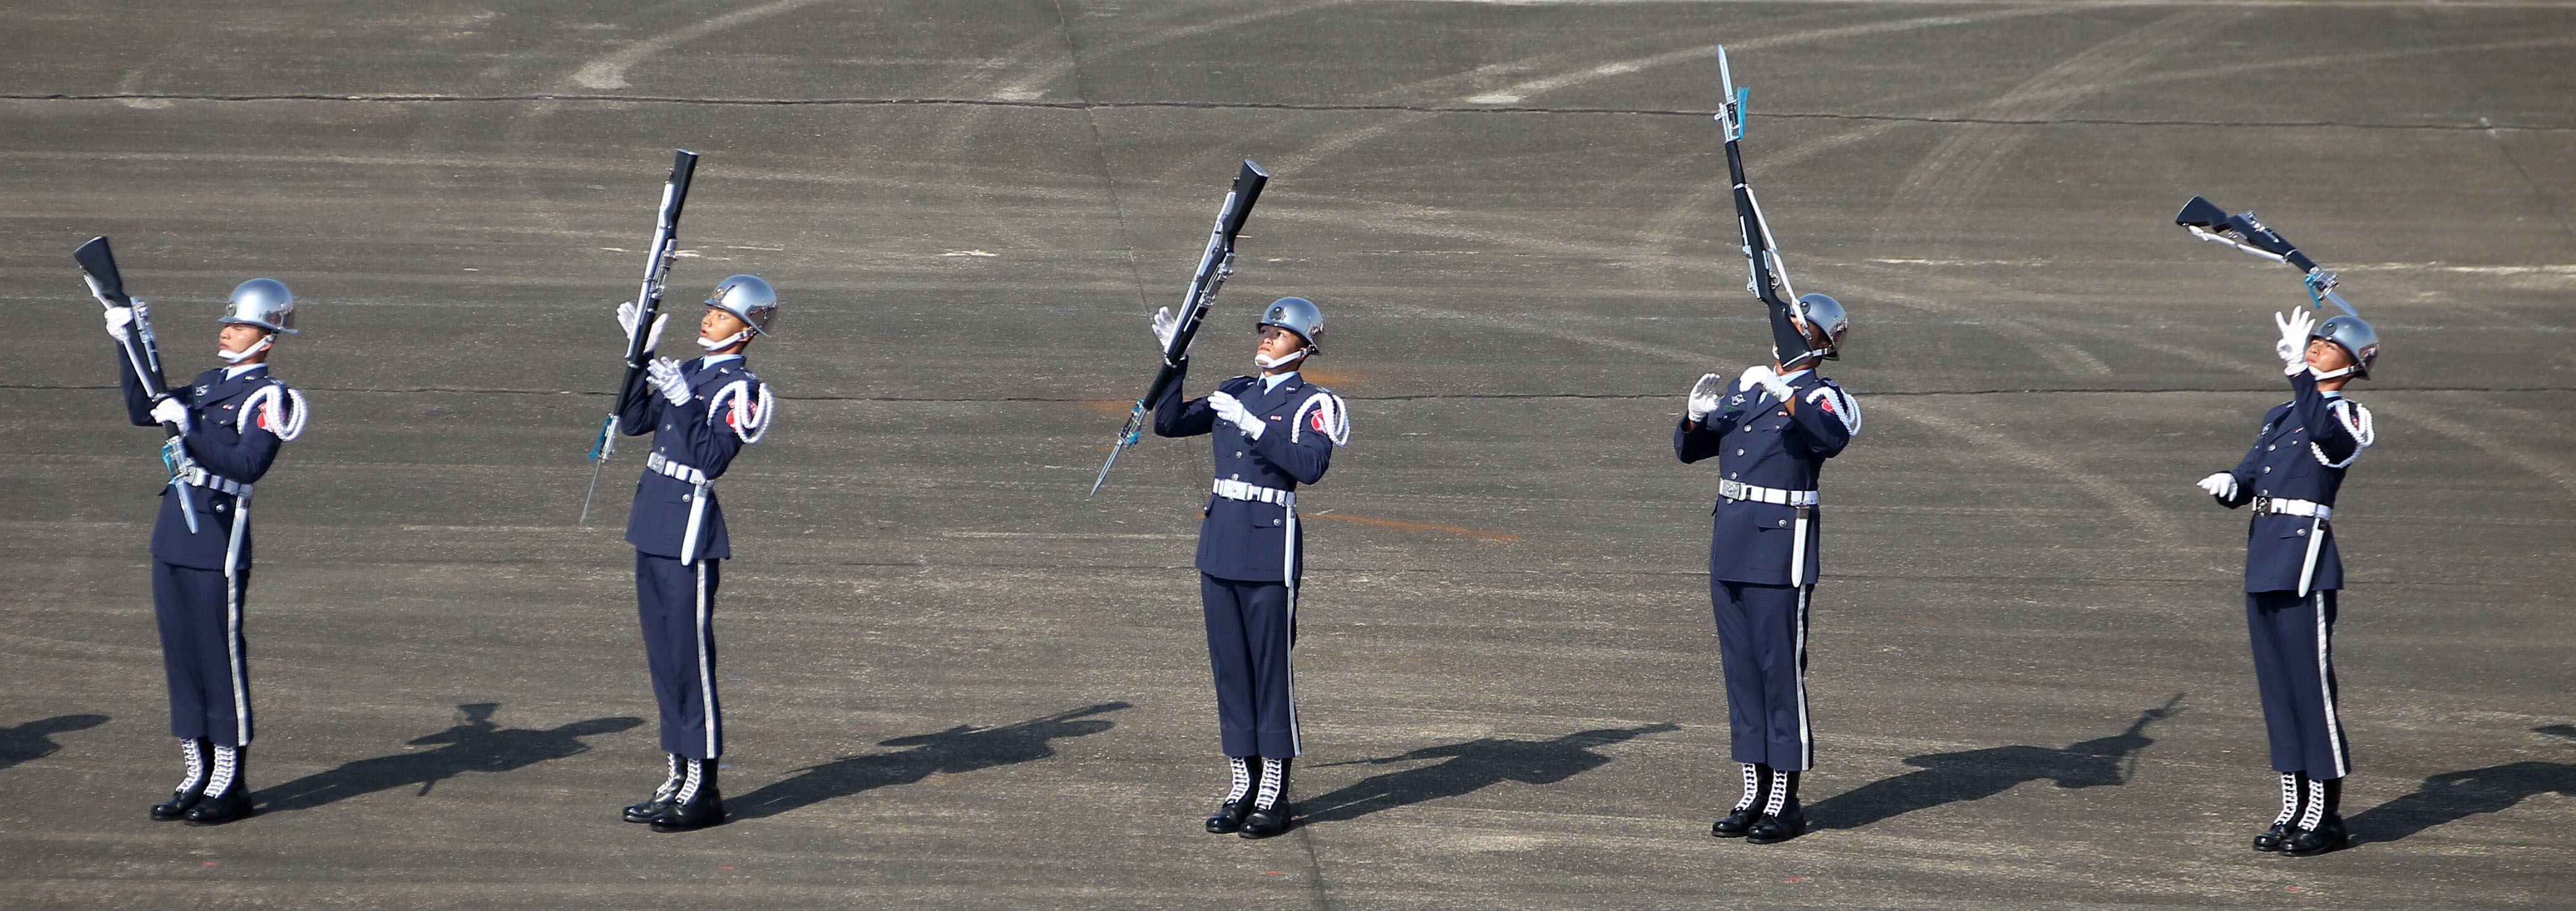 空軍儀隊表演高難度拋槍。(記者邱榮吉/攝影)